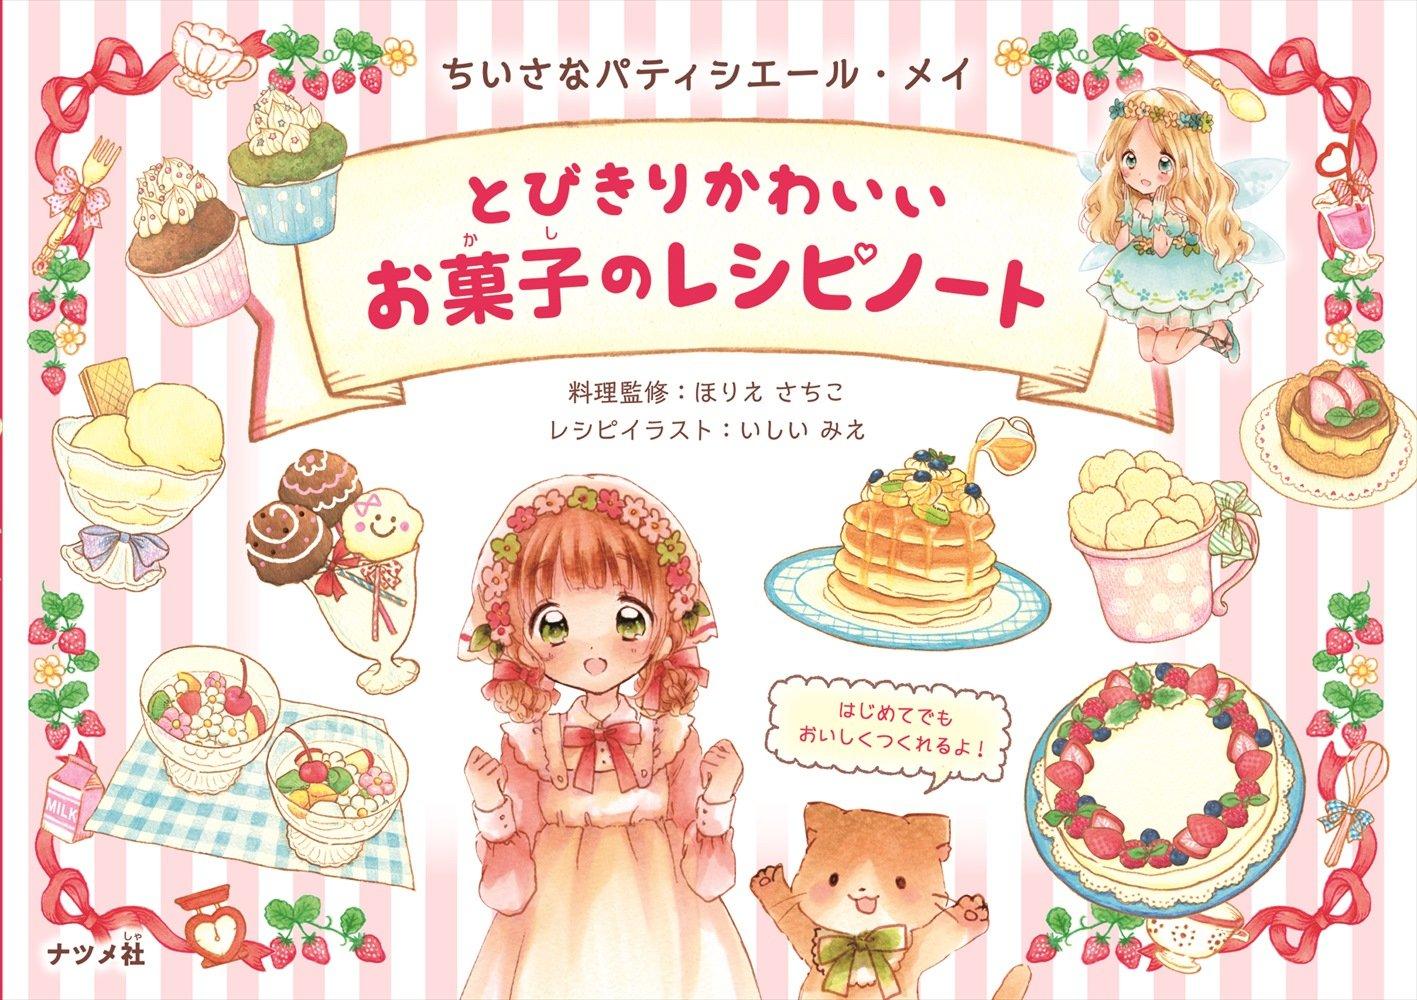 とびきりかわいいお菓子のレシピノート ほりえさちこ いしいみえ 本 通販 Amazon